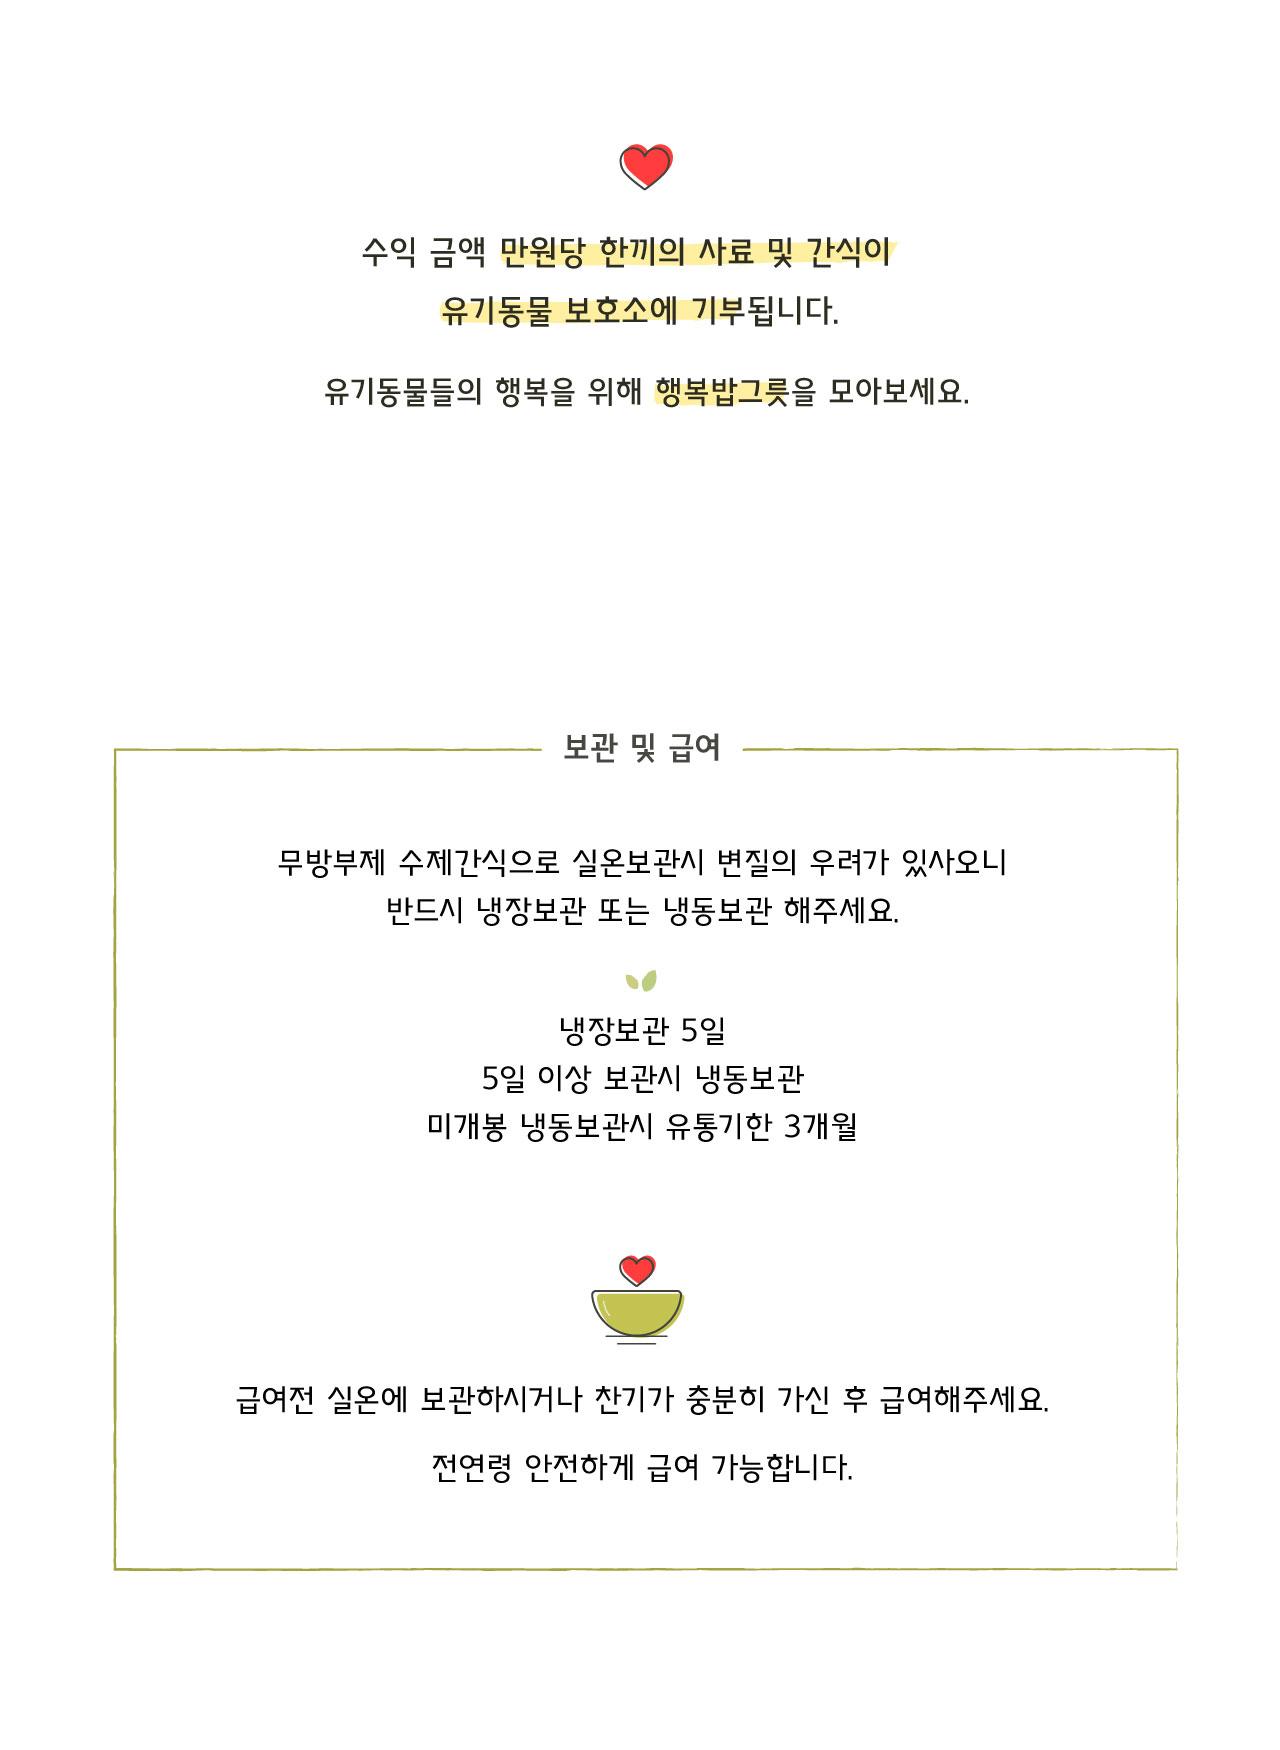 강아지 수제간식 황태닭돌돌이 - 행복한 광이네, 5,000원, 간식/영양제, 수제간식